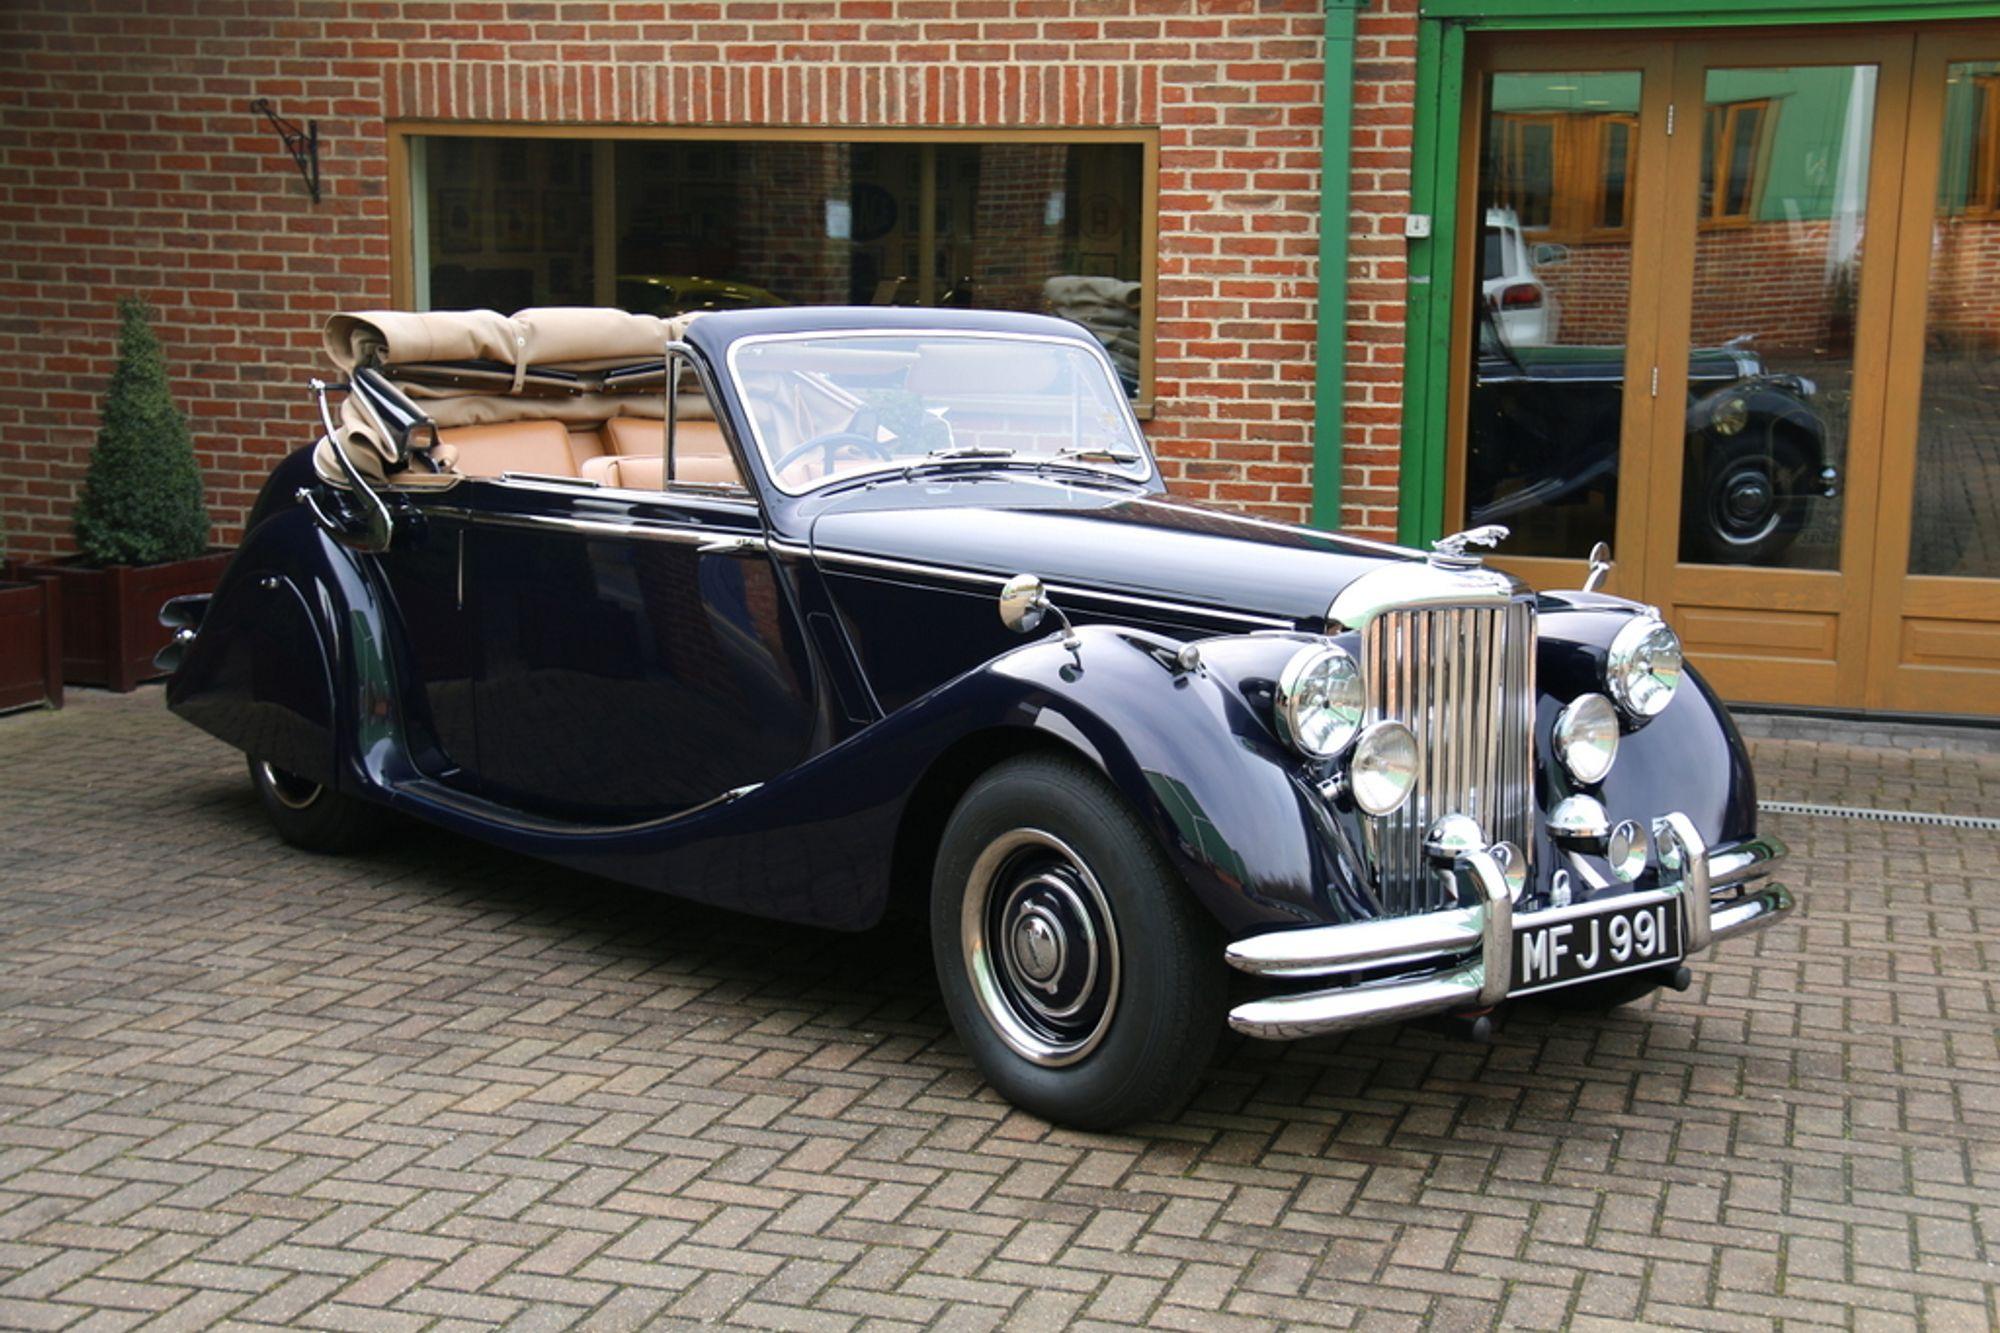 1951 Jaguar Mark V Drophead Coupe | Sold | Woodham Mortimer